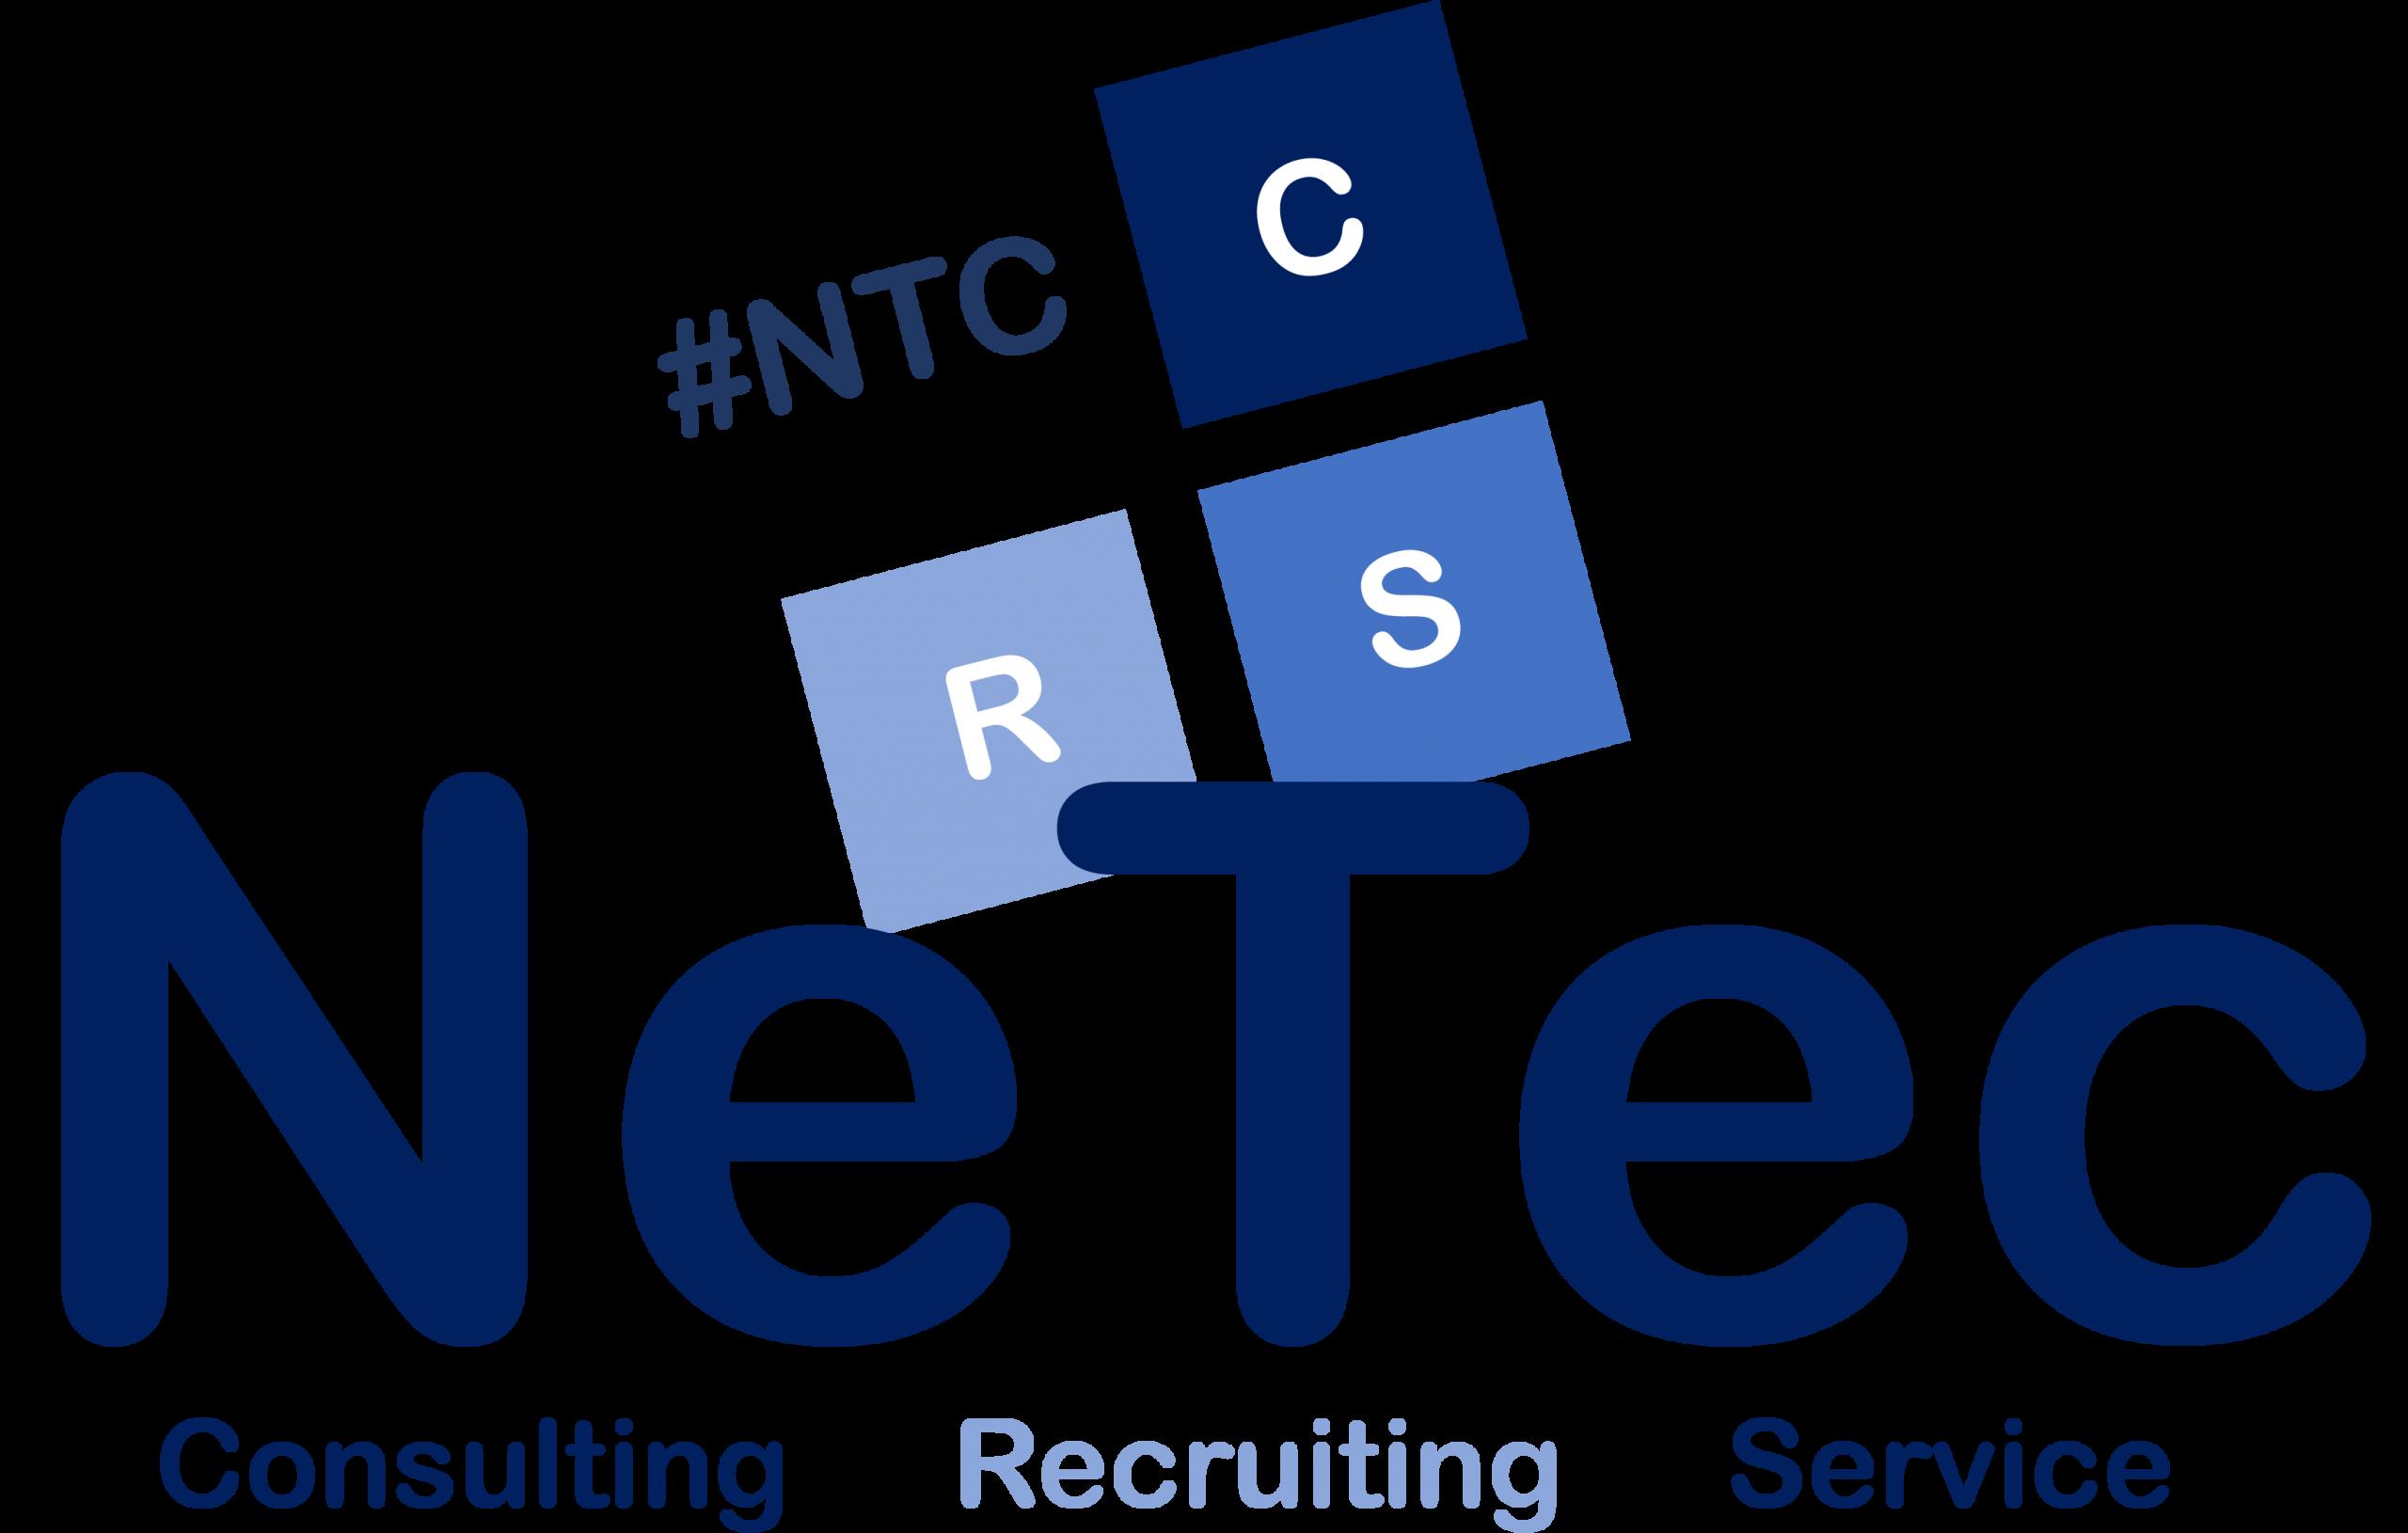 Netec_Logo_PNG (002)